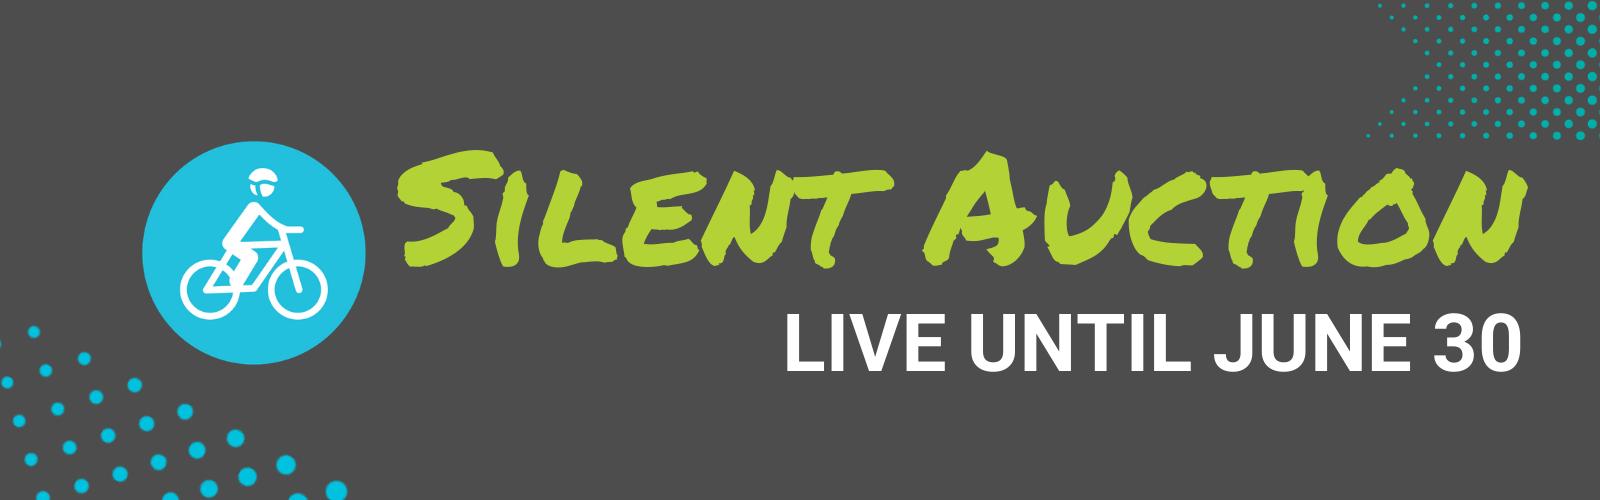 Text reads 'Silent Auction, live until June 30'